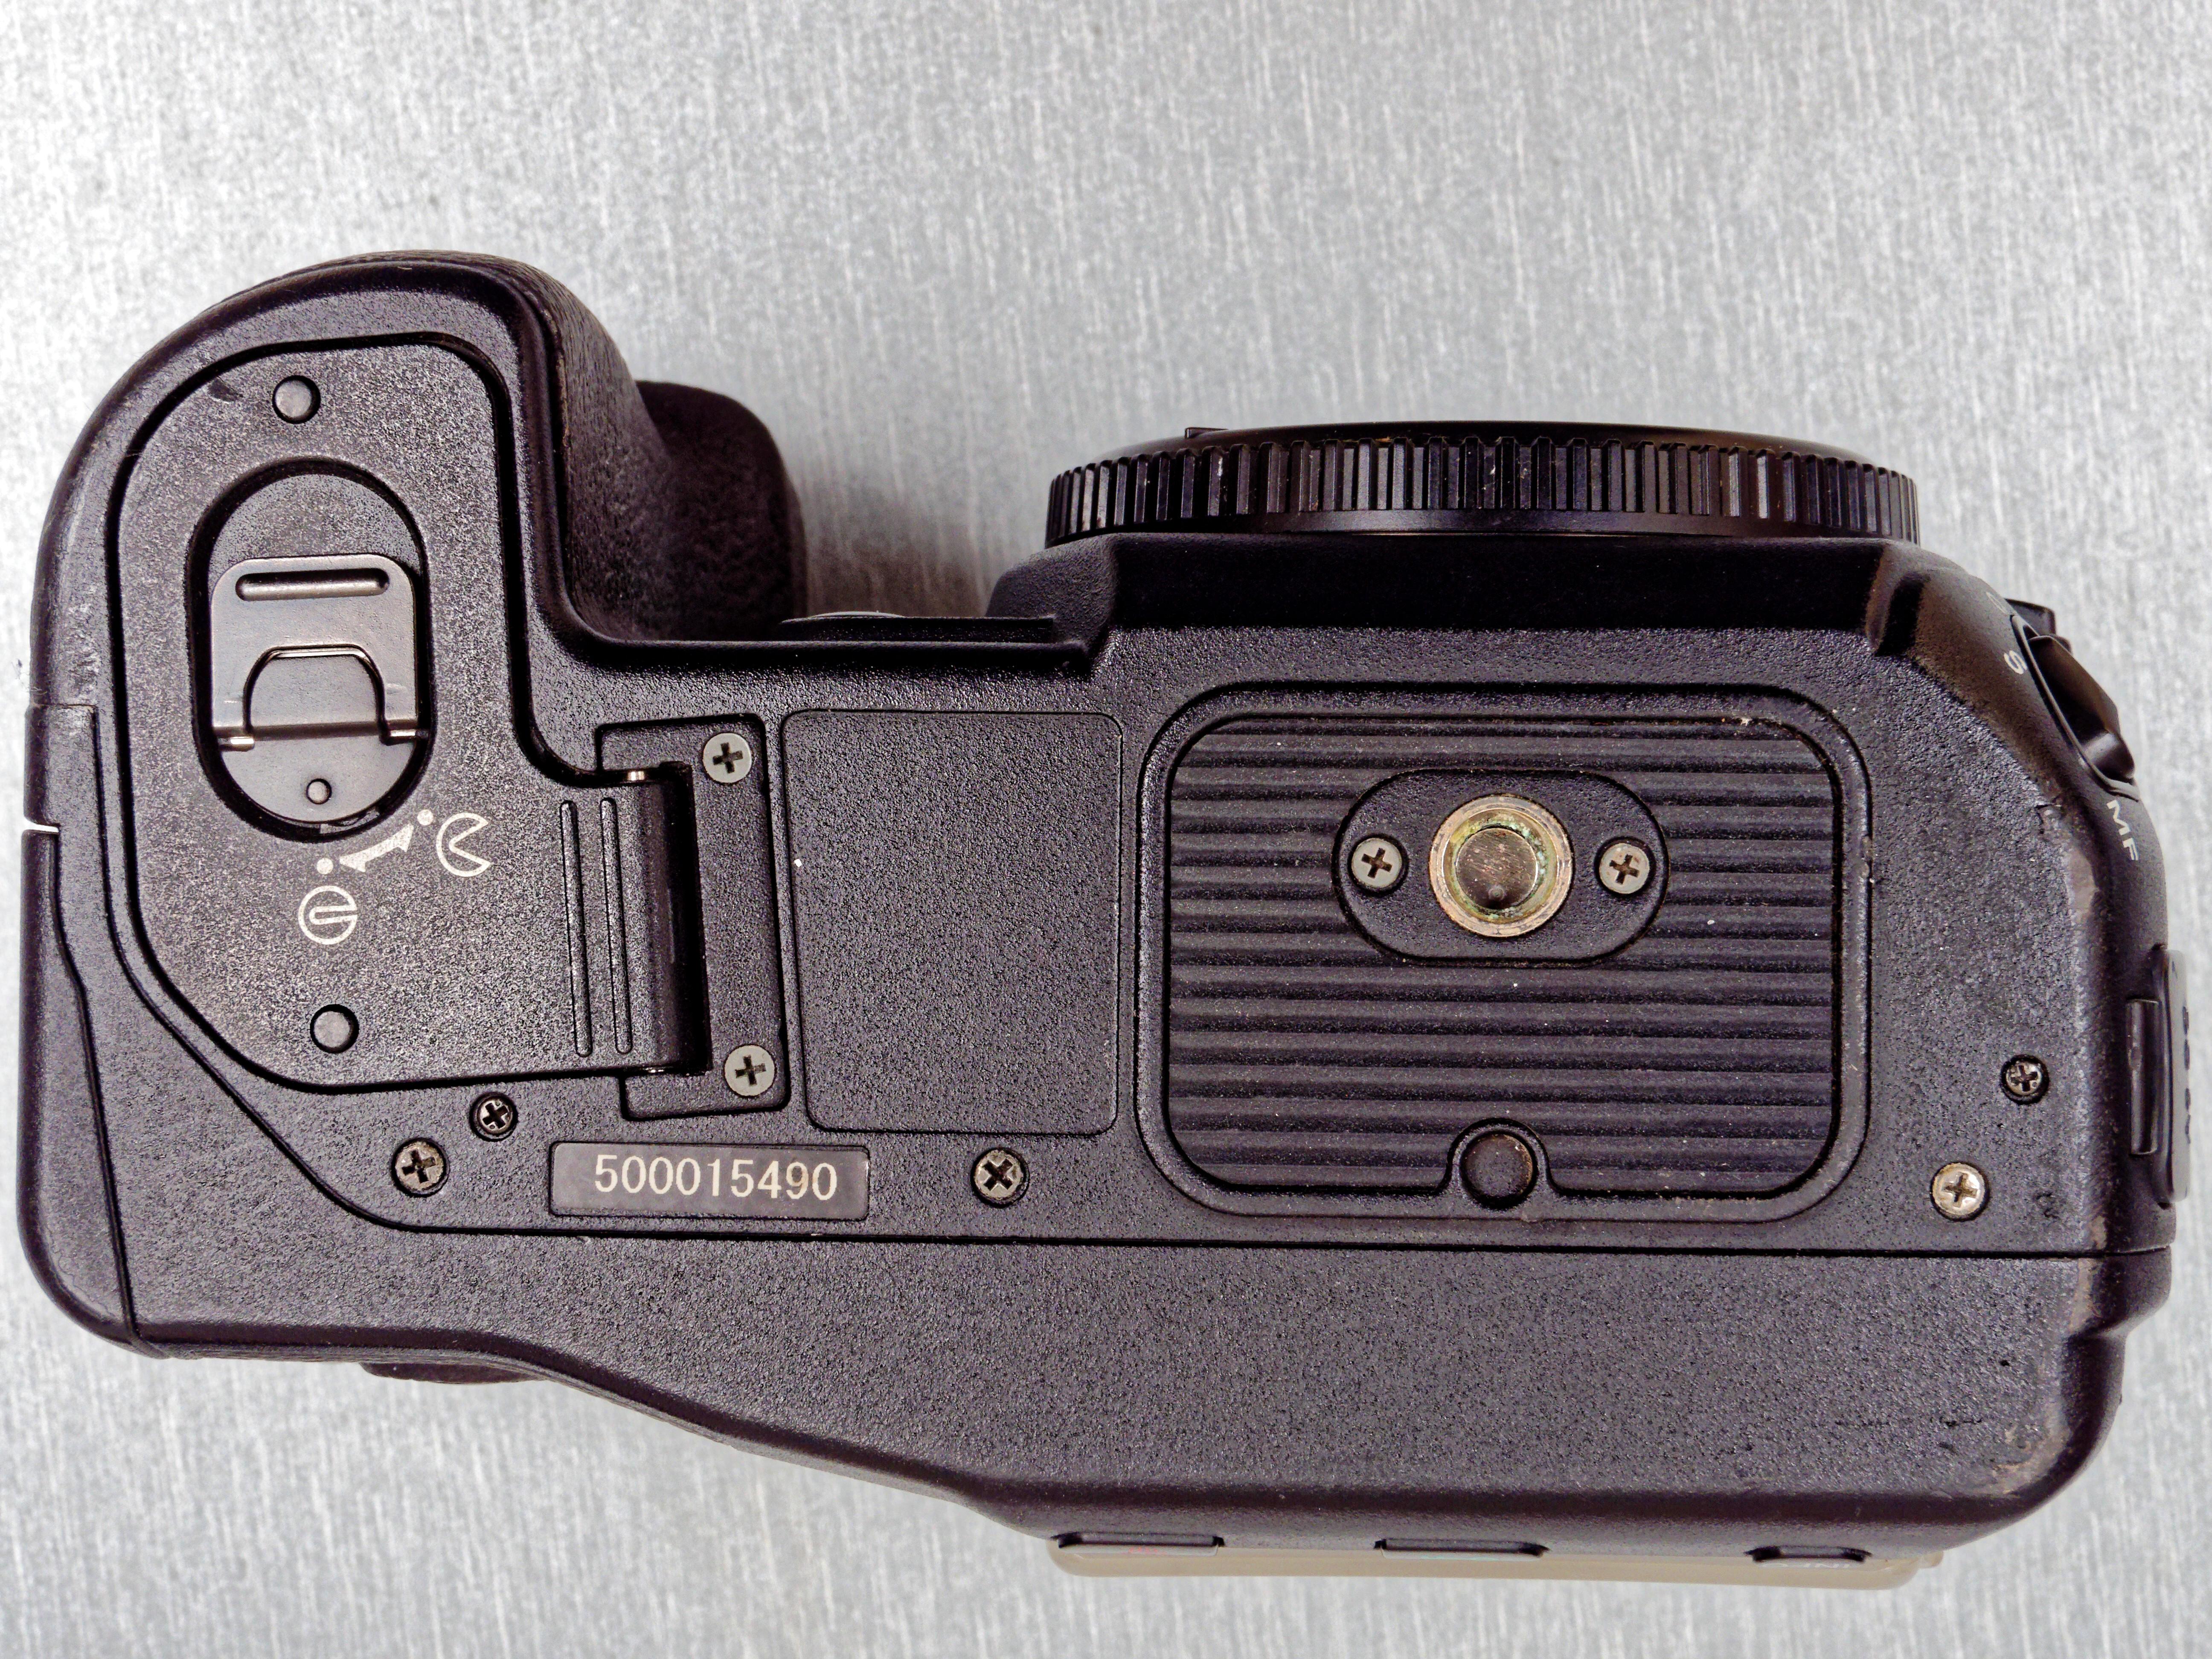 E-1-underside-1.jpeg